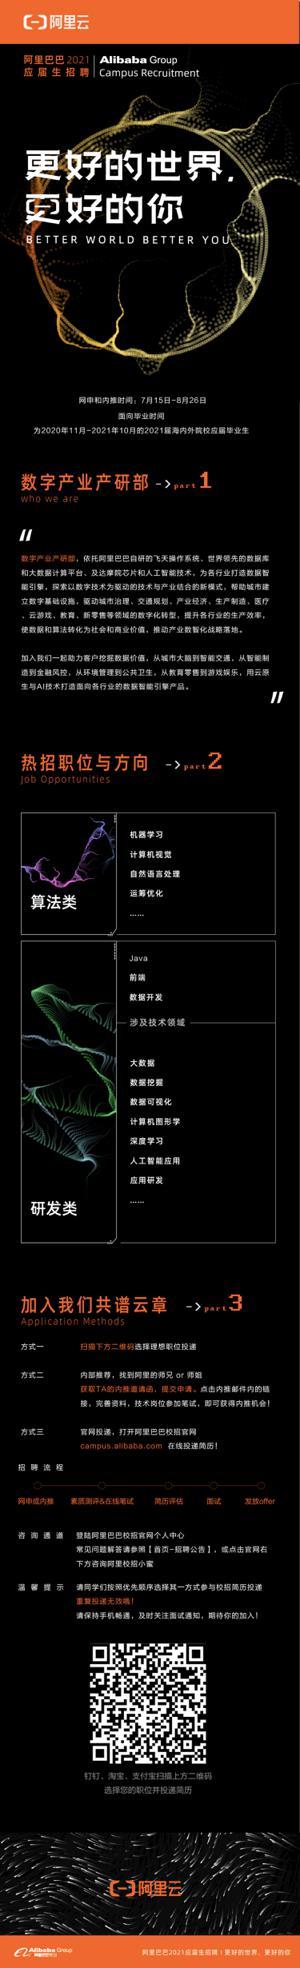 校招海报.jpg